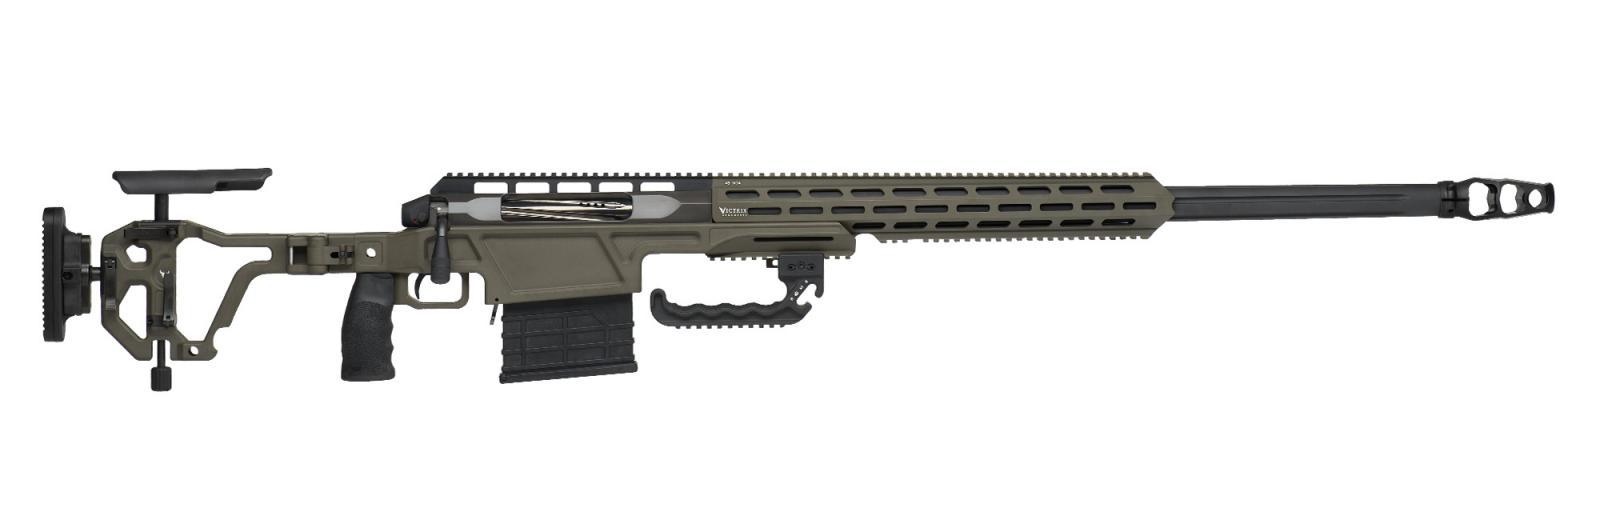 Carabine VITRIX Tormento V Series